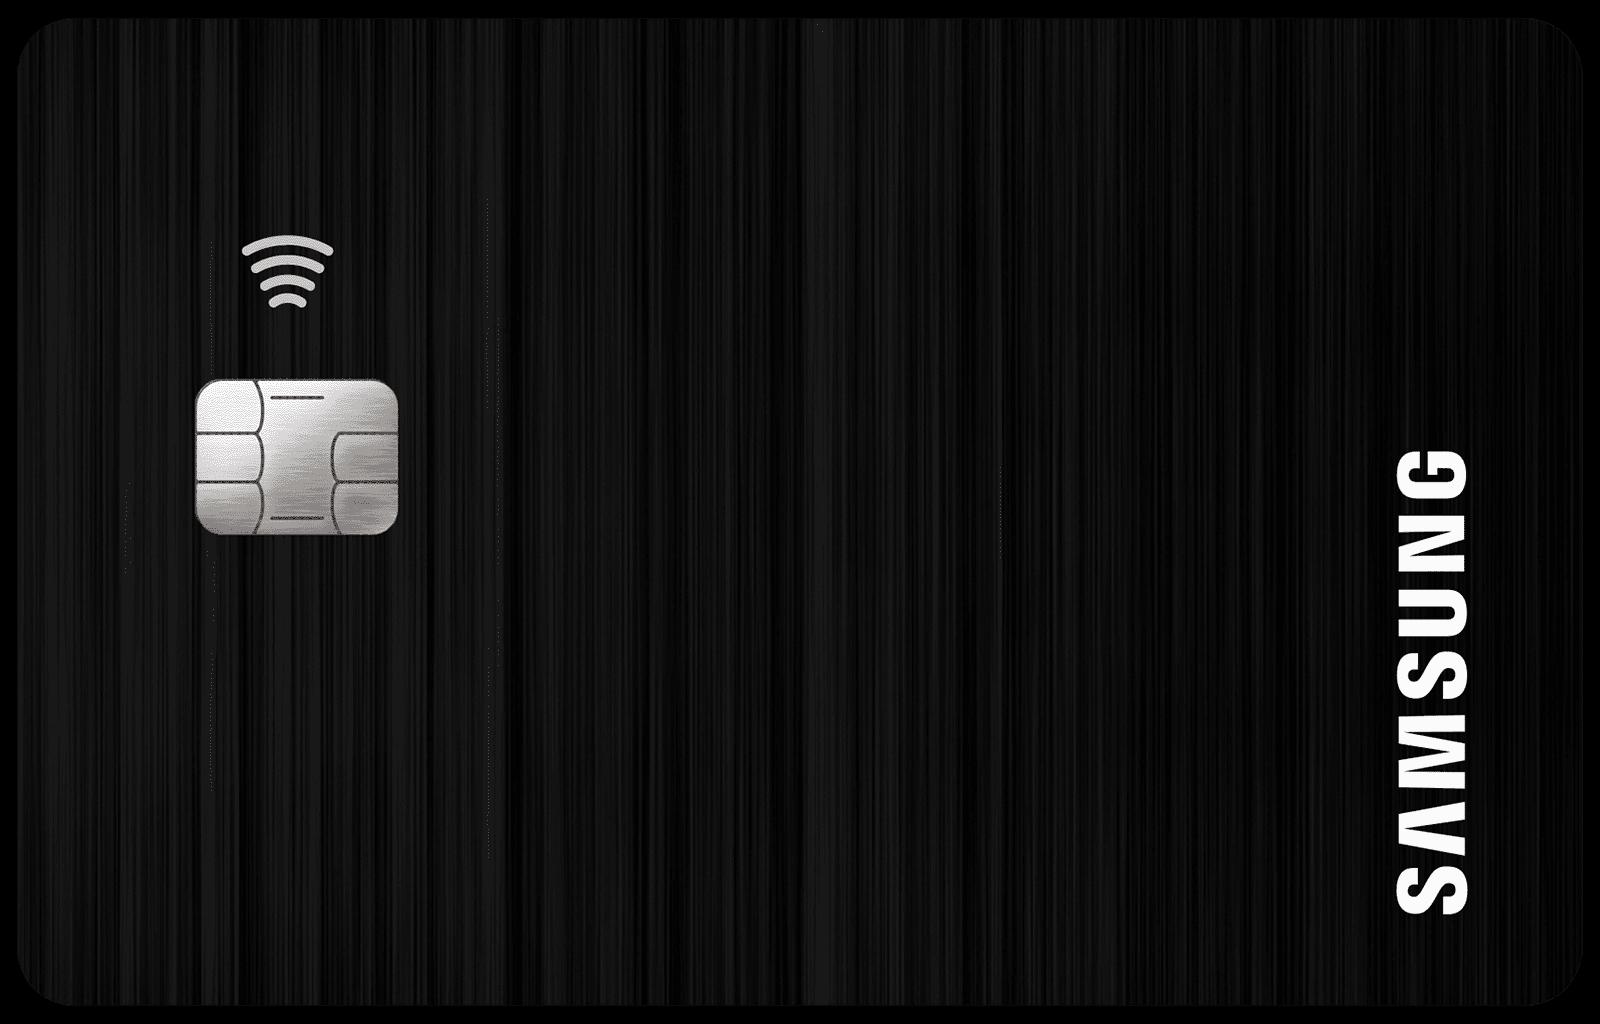 Samsung Itaucard Visa Platinum